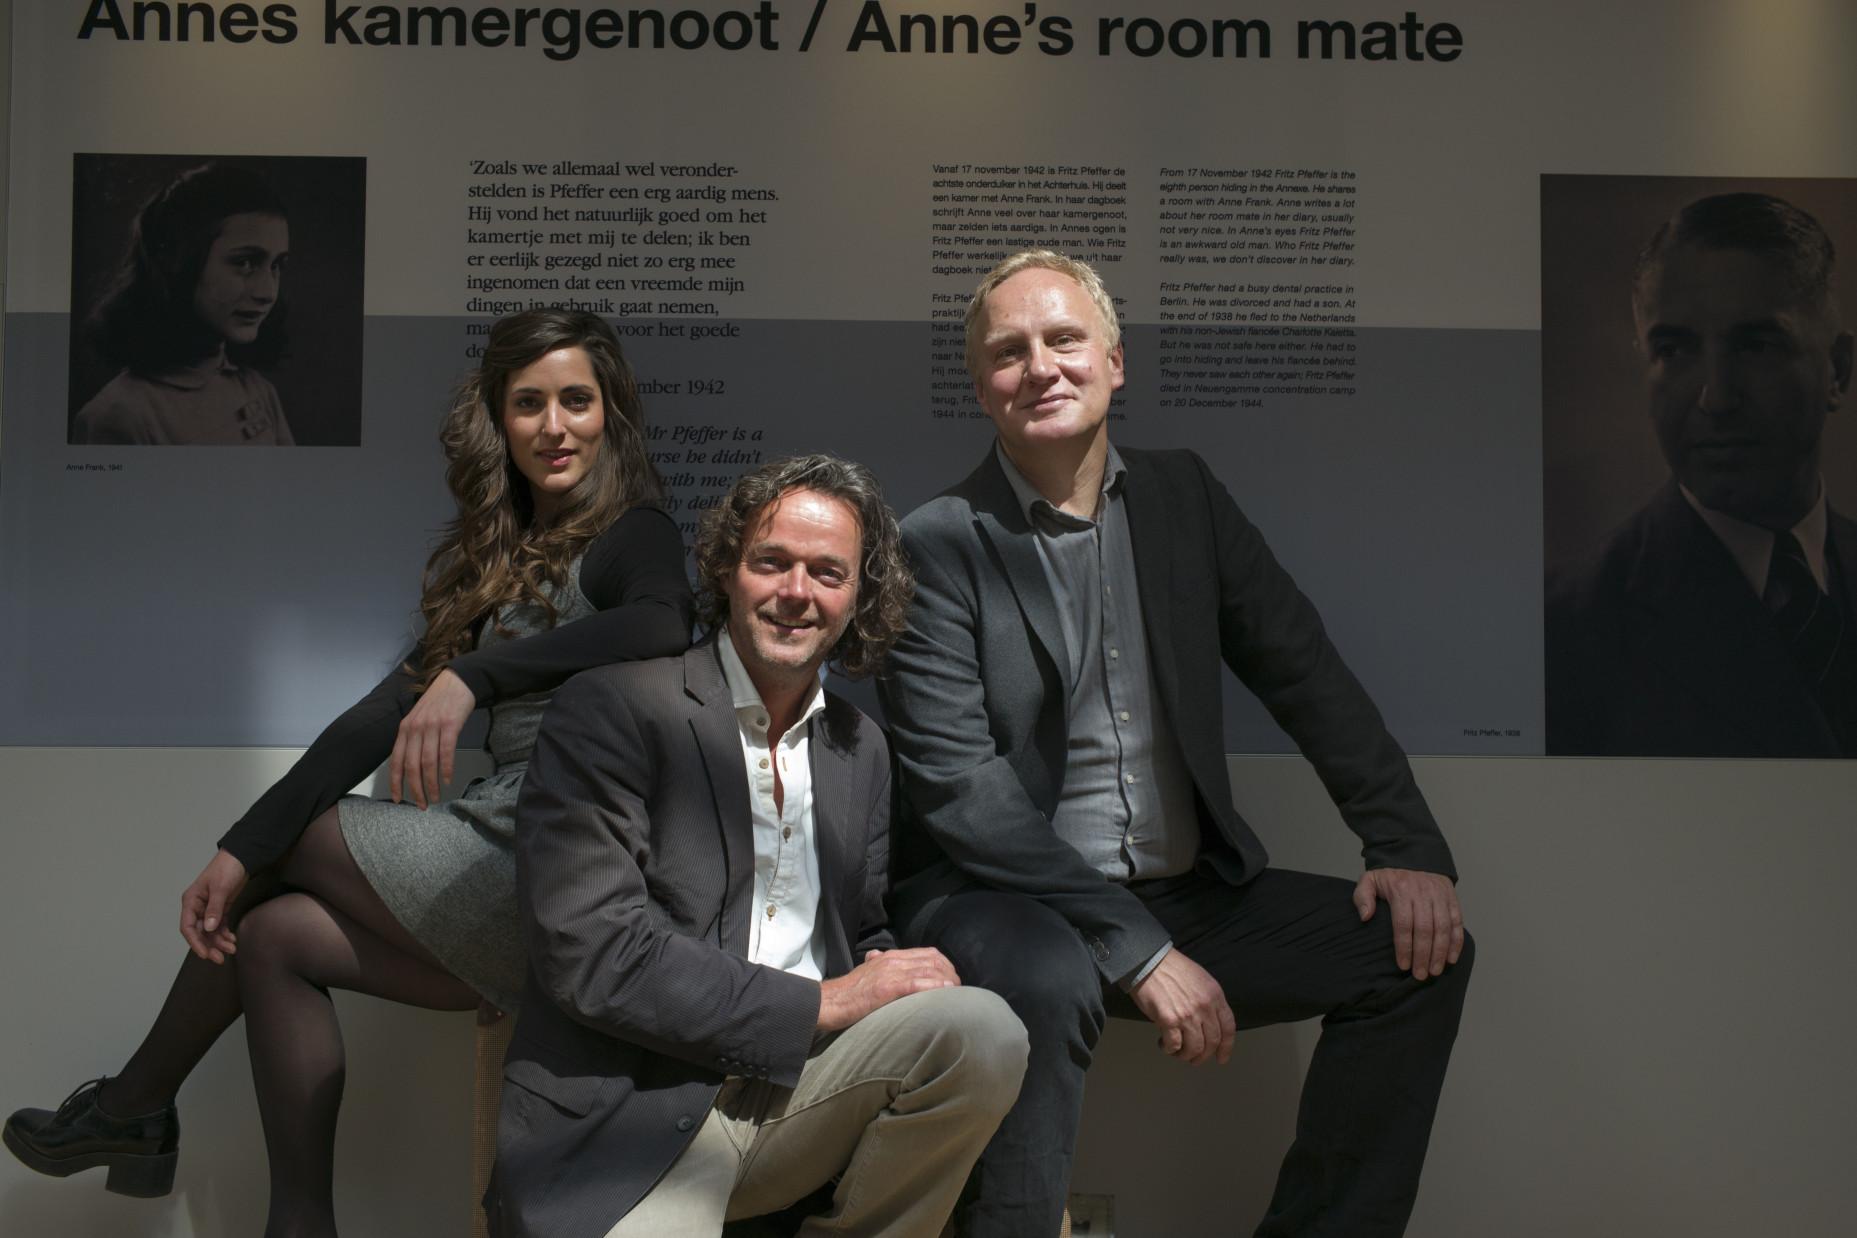 Nieuwe tentoonstelling: Fritz Pfeffer, Annes kamergenoot